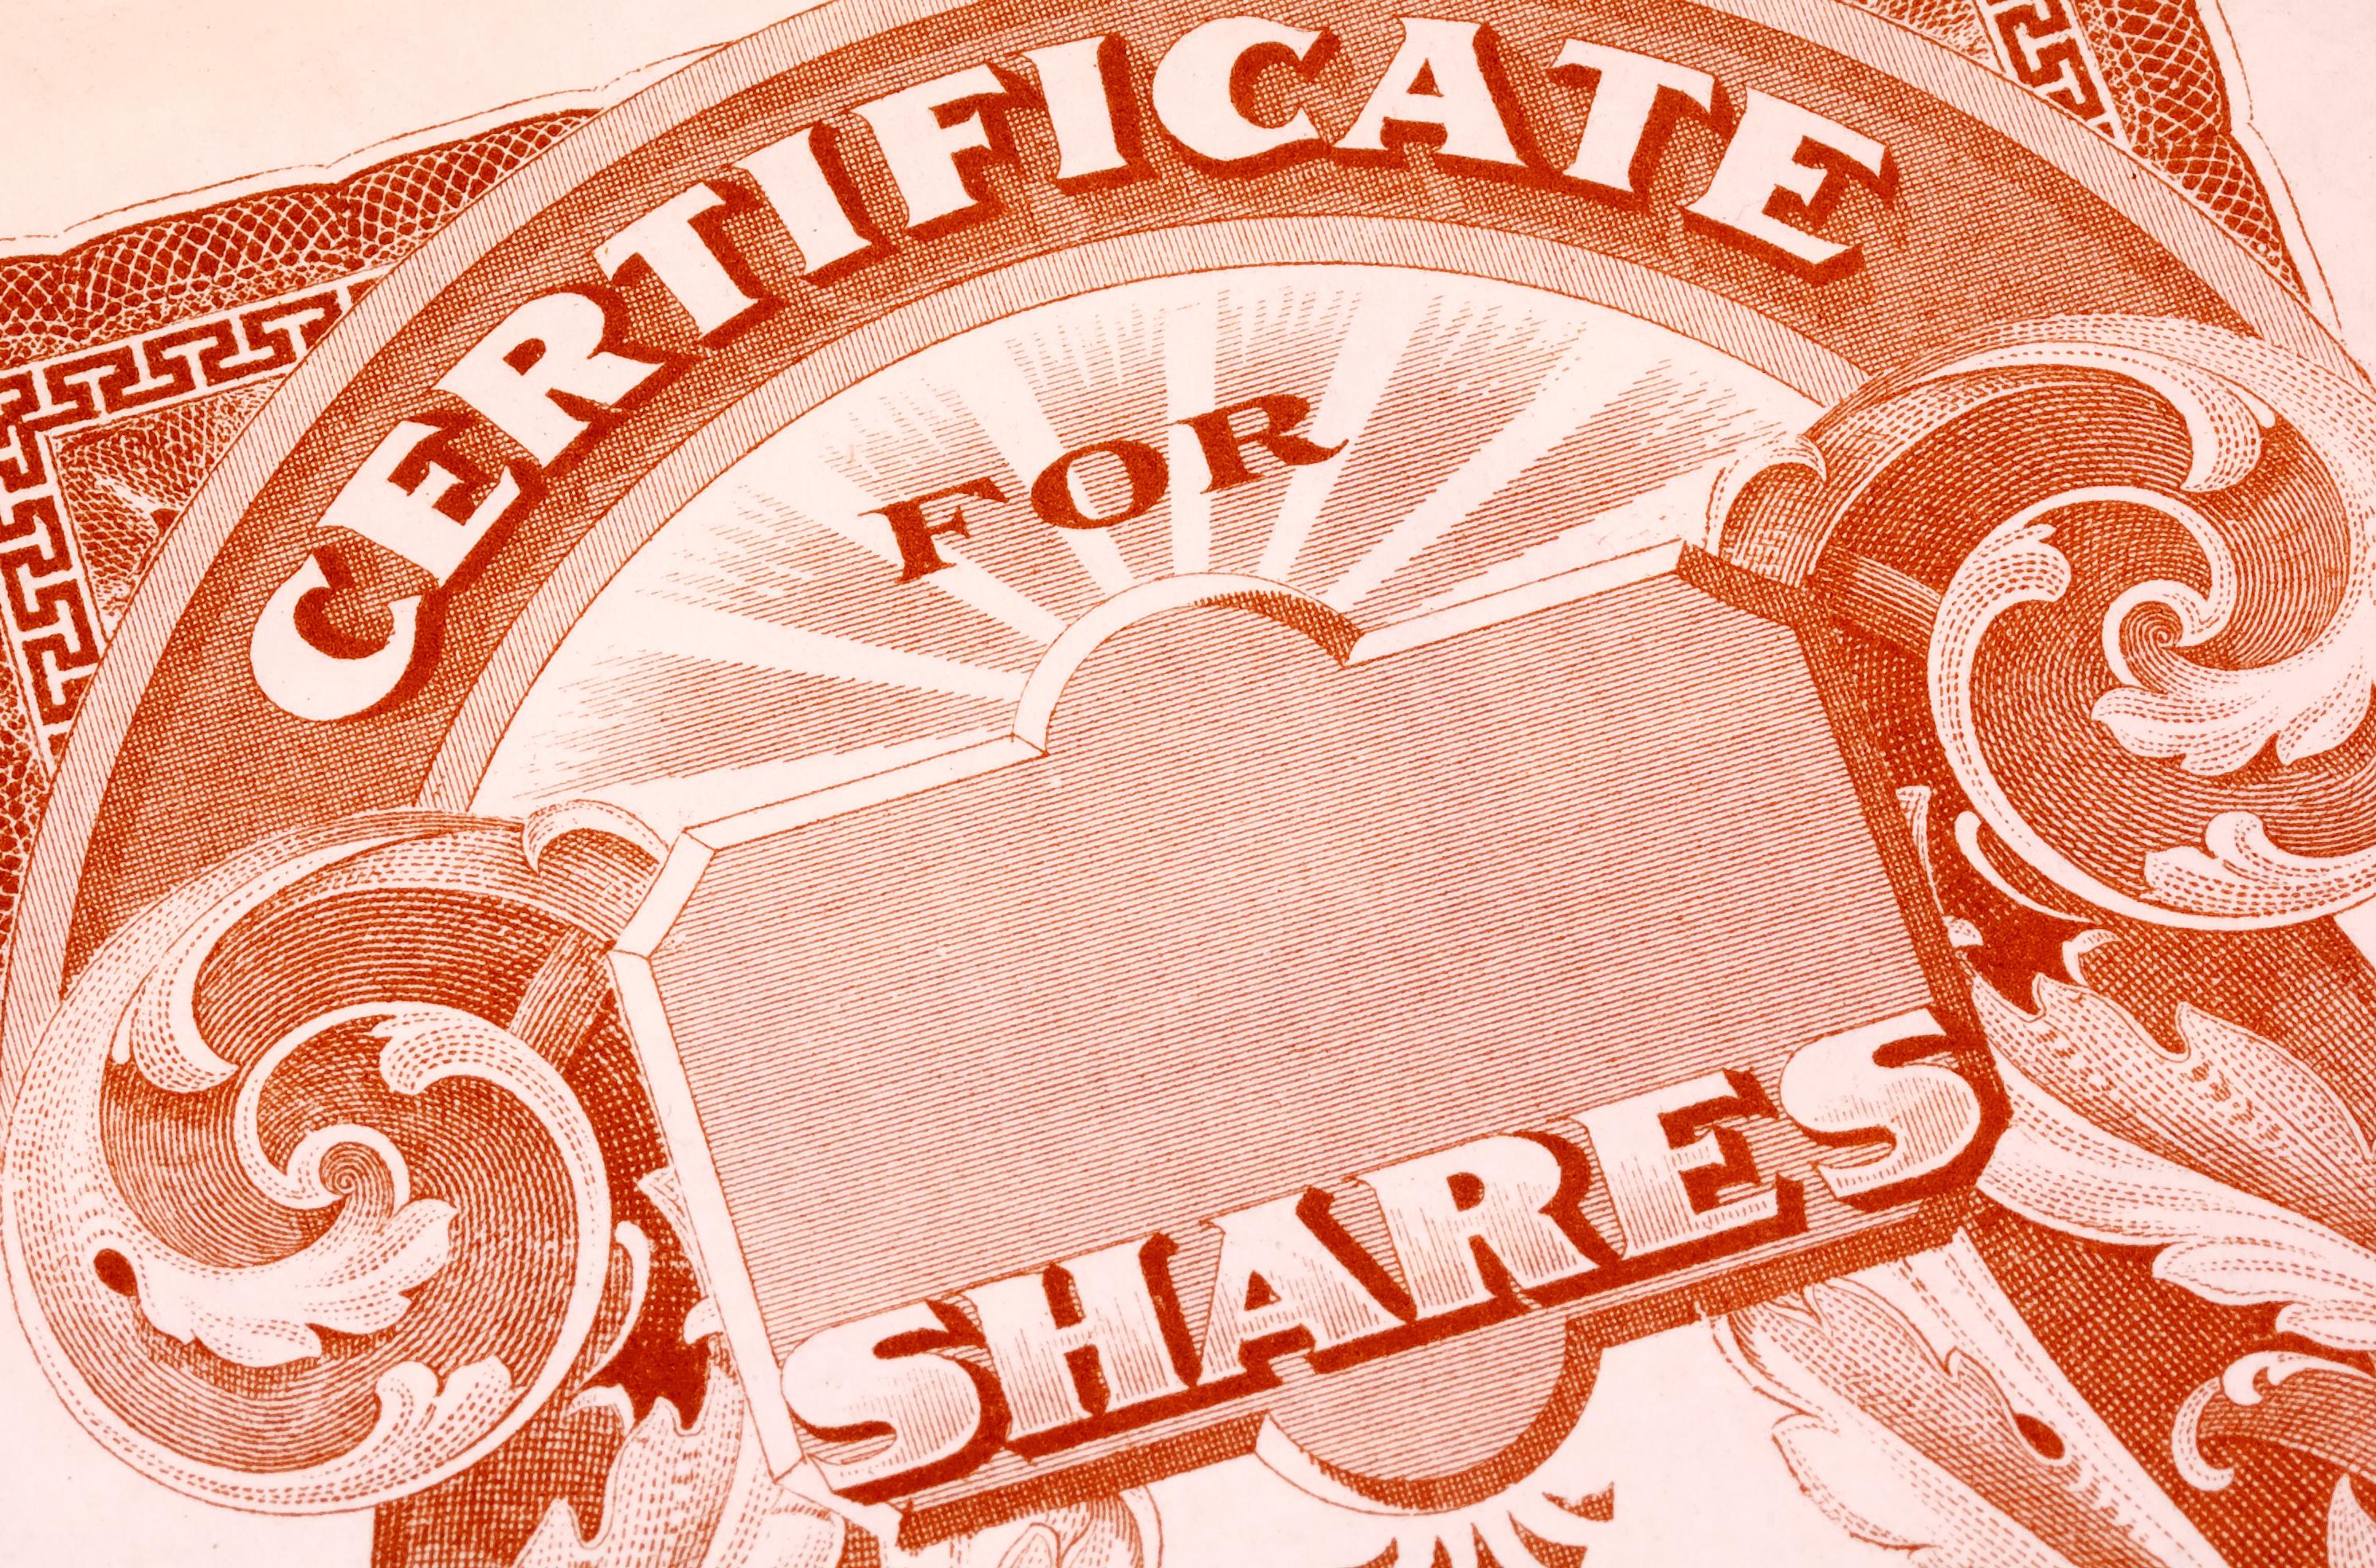 3 Ultra-Popular Stocks Destroying Shareholder Value